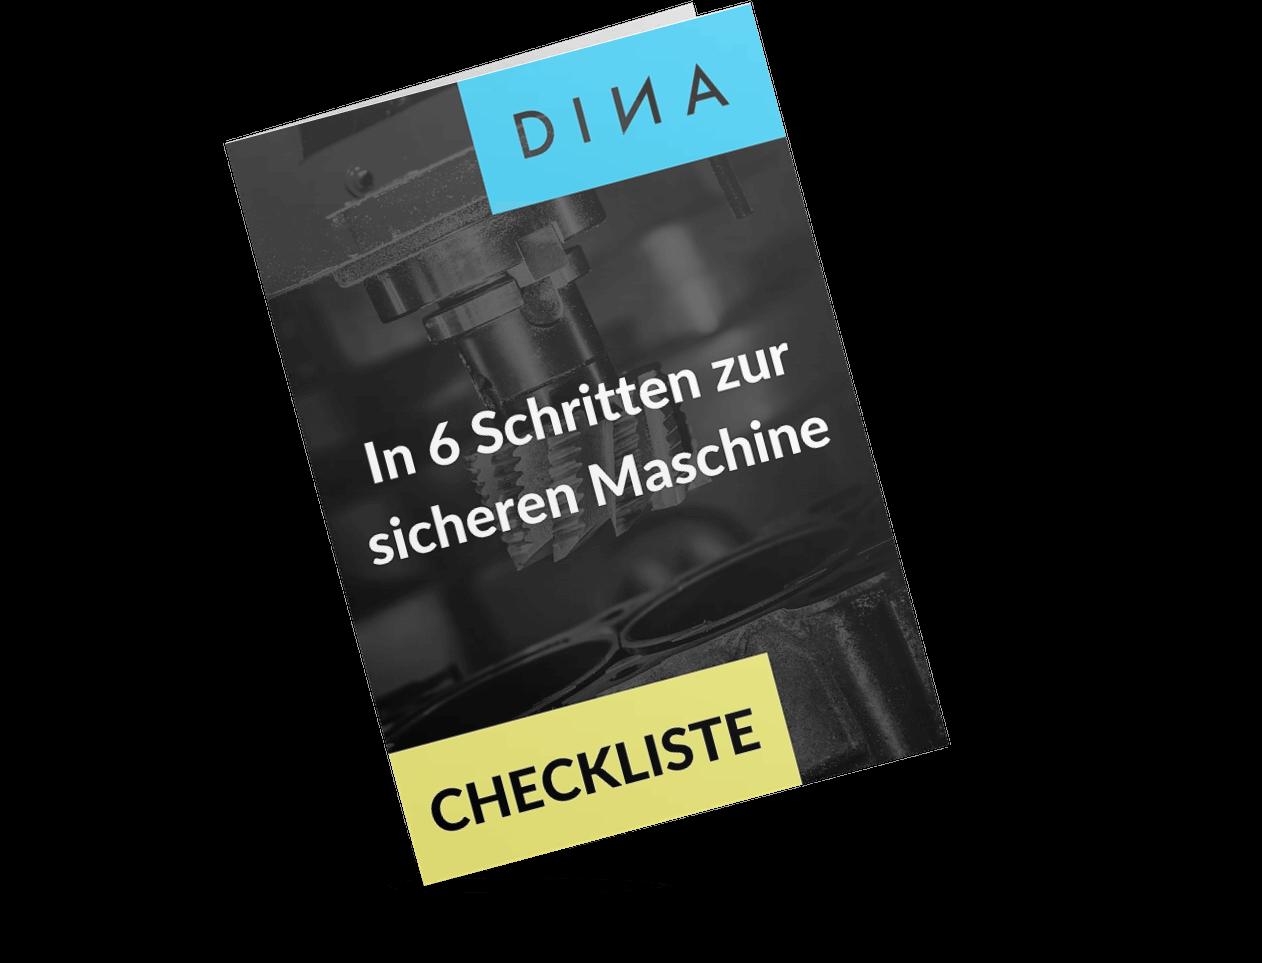 Checkliste Schritte zur sicheren Maschine